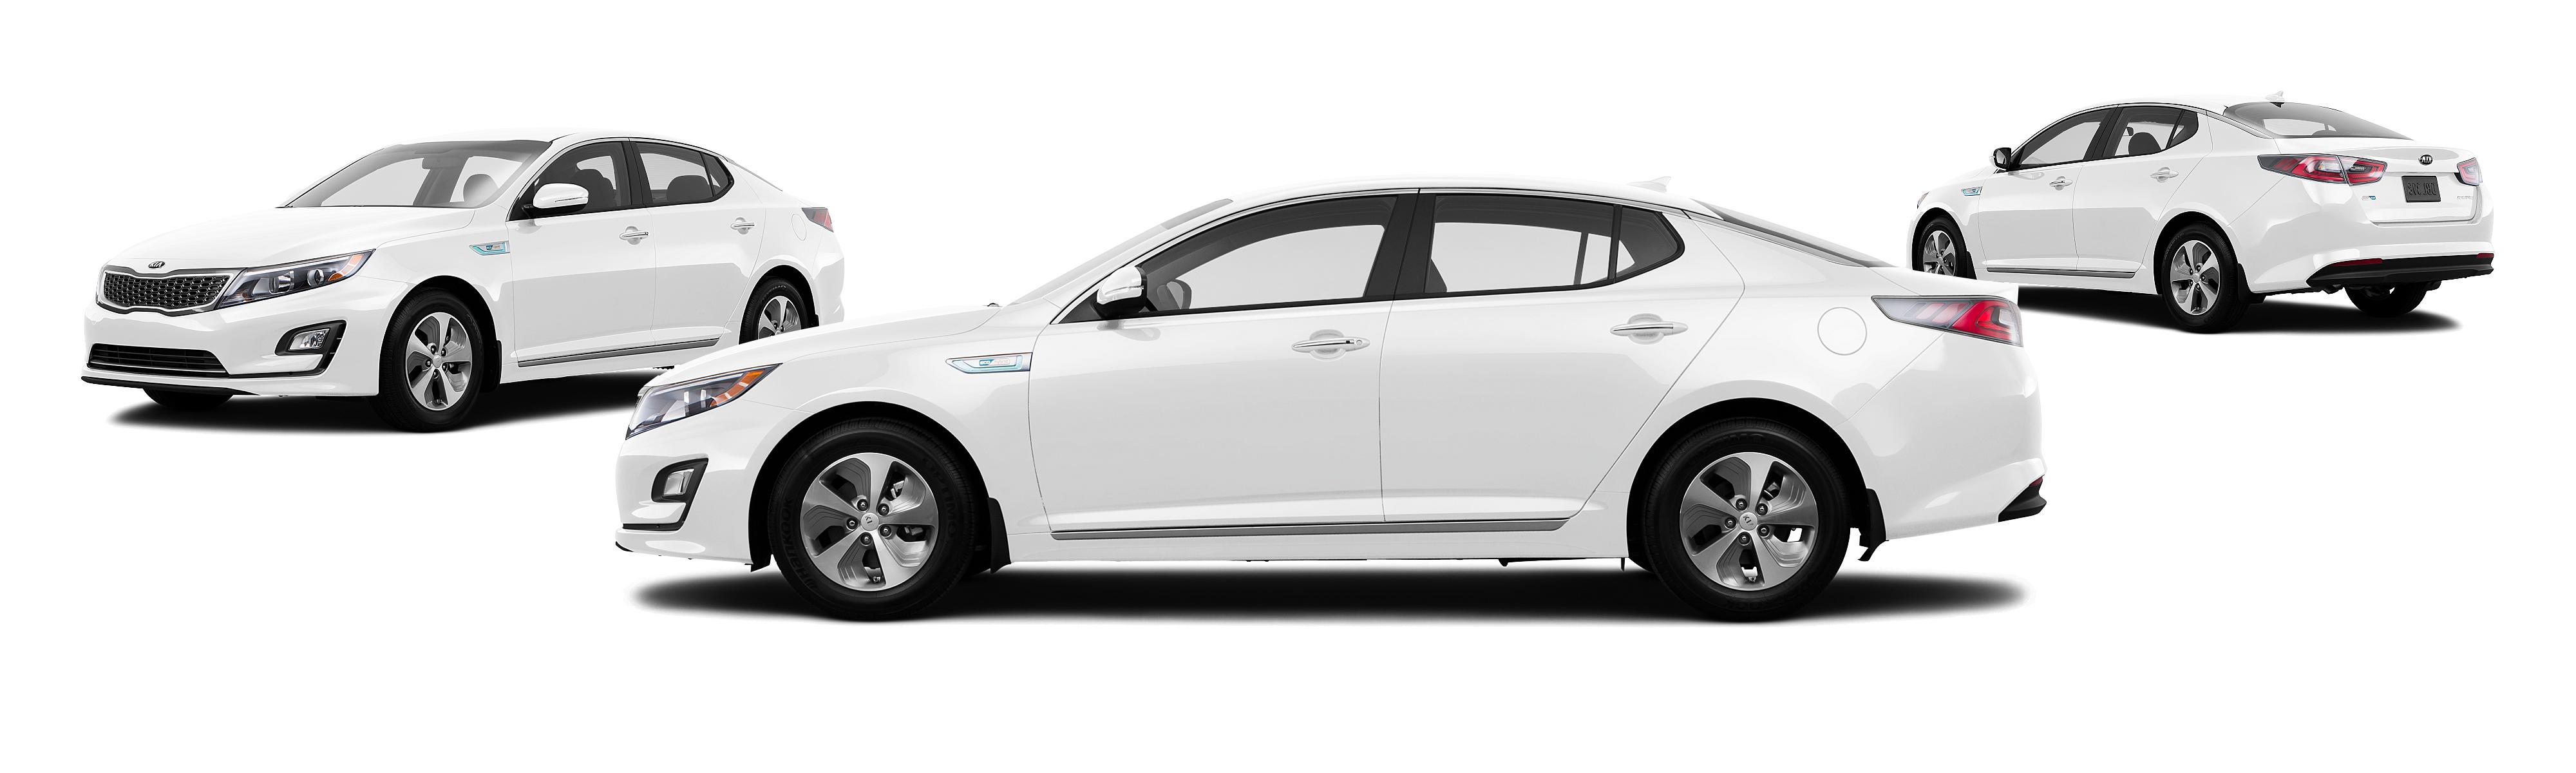 optima hybrid white kia new free